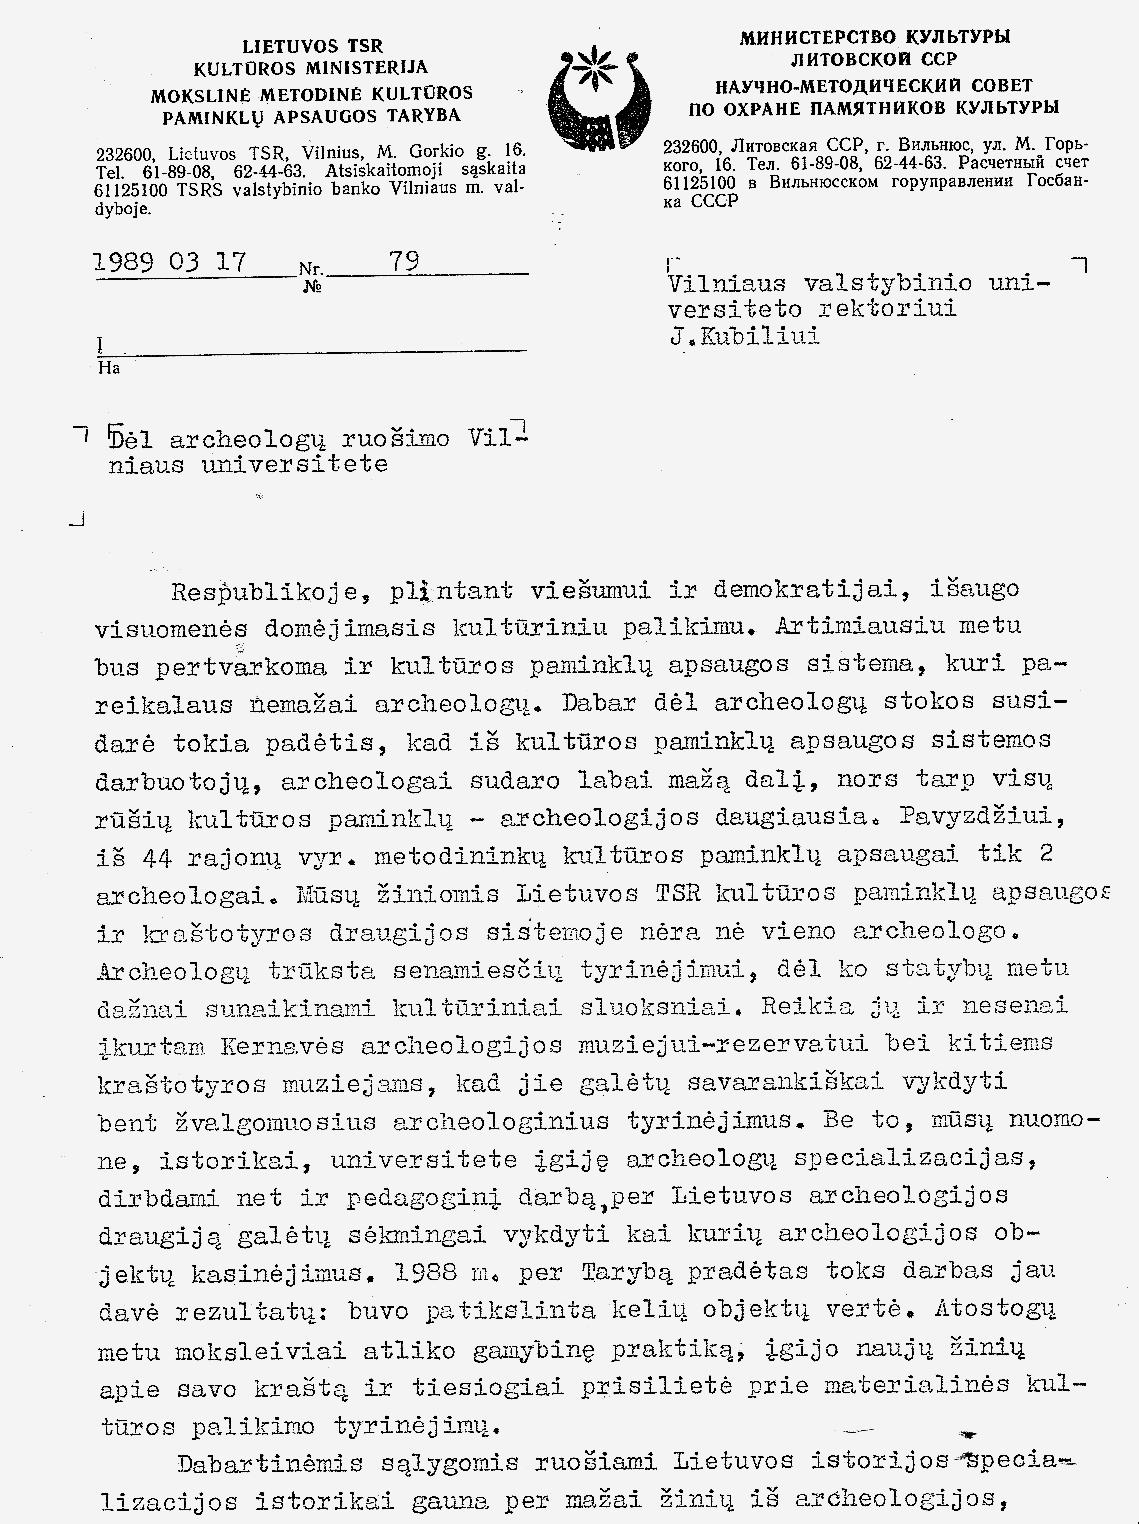 1 pav. I. Barauskaitės raštas rektoriui J. Kubiliui